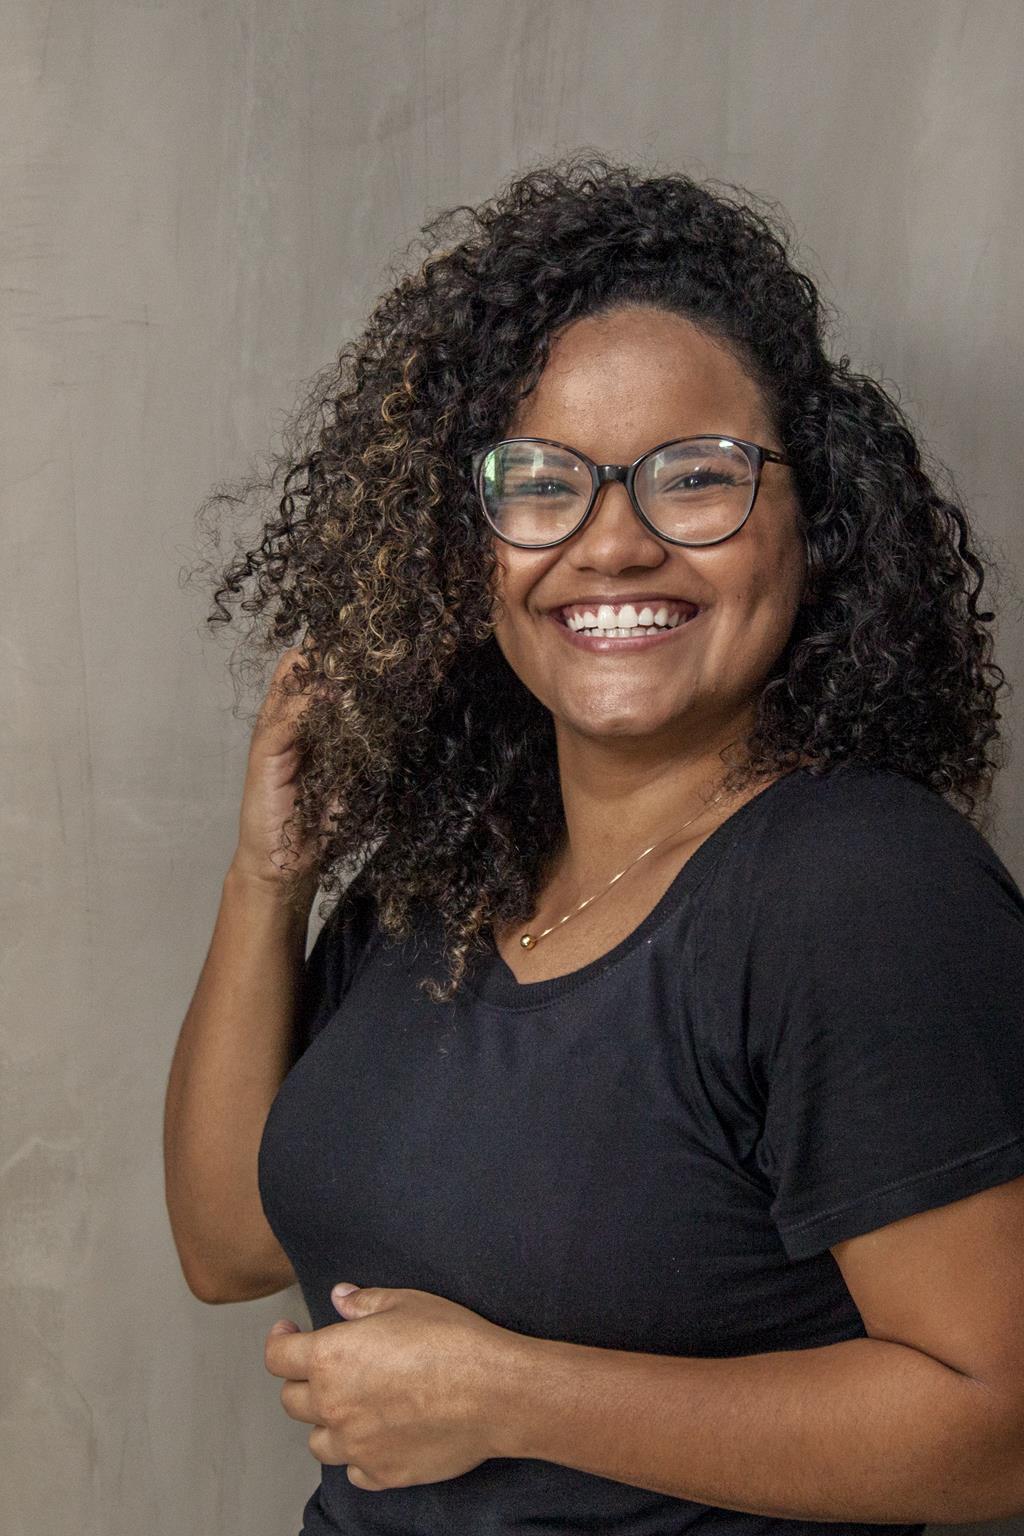 Laura Barbosa decidiu empreender pela vontade de colocar a própria identidade num produto